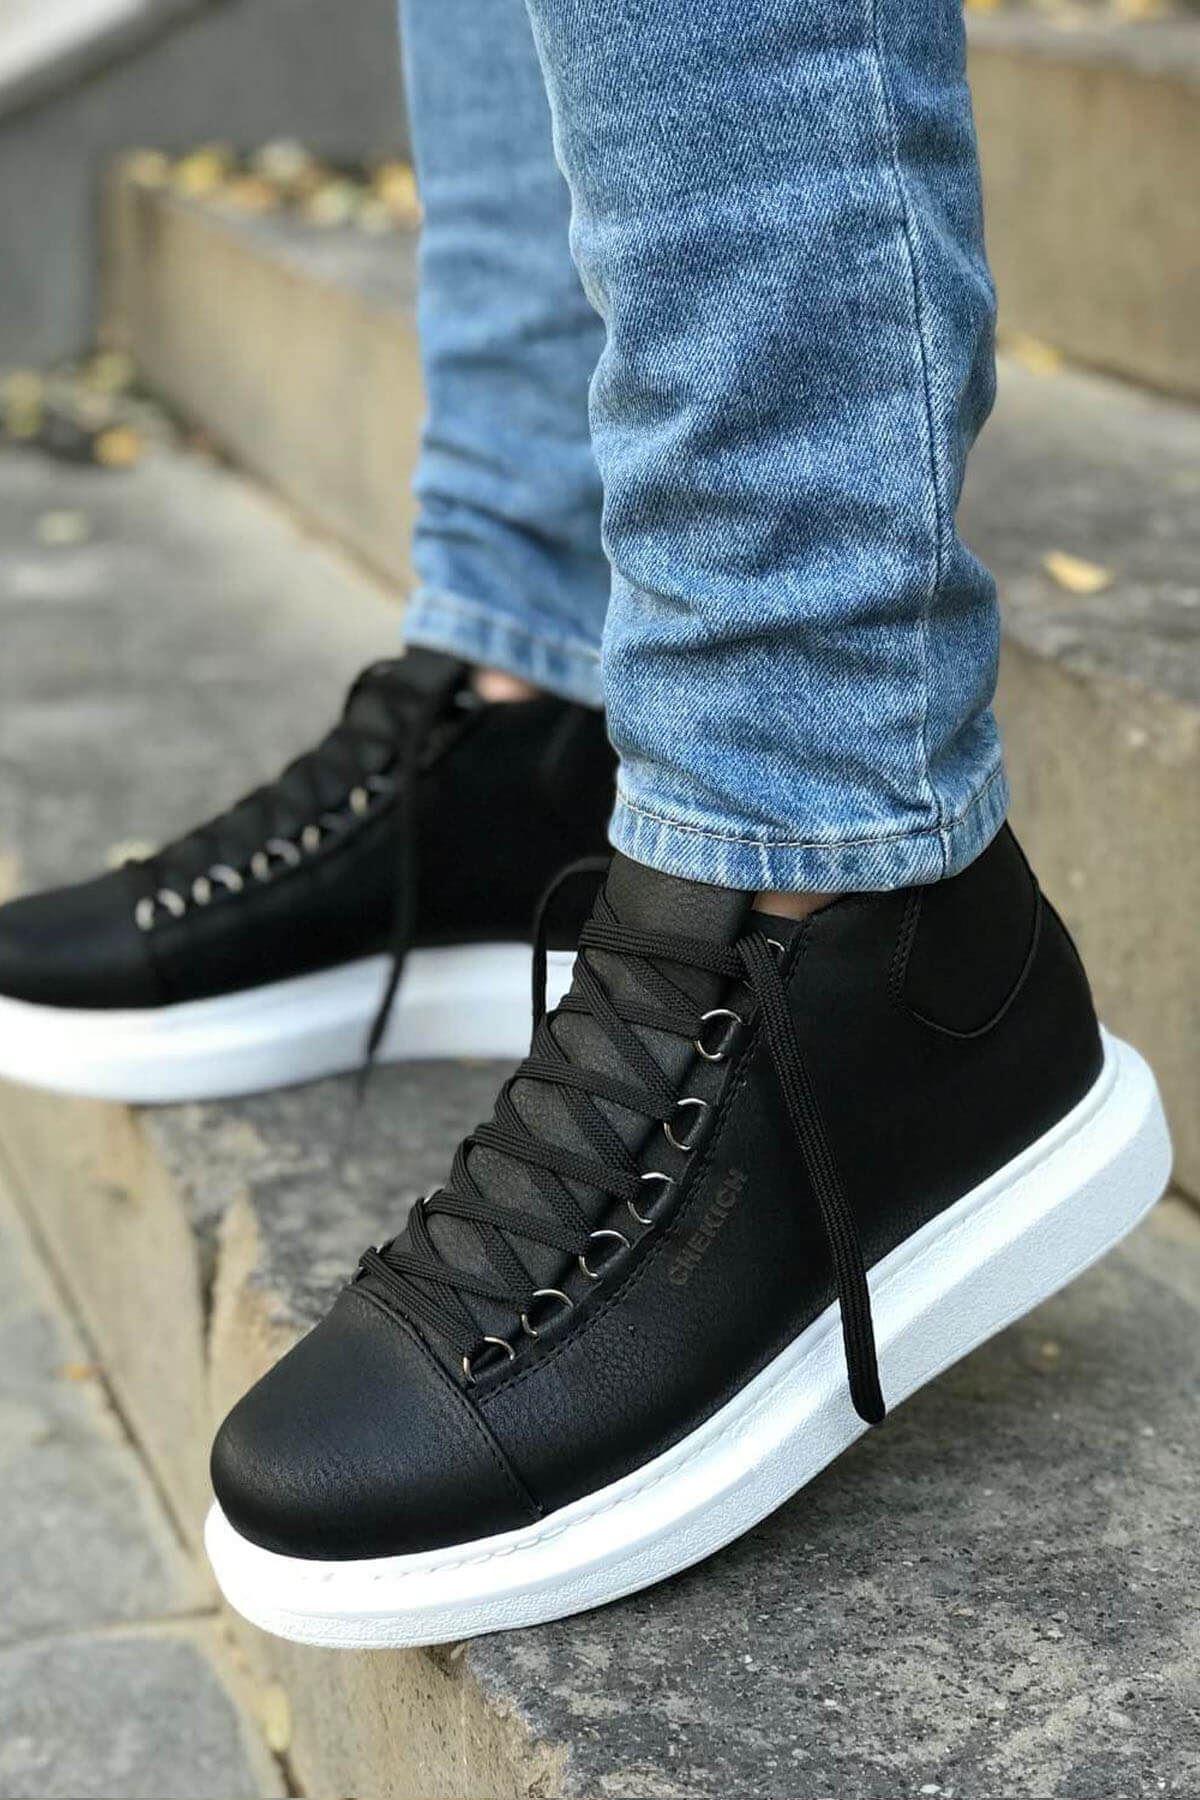 Men's Lace-up Black Boots